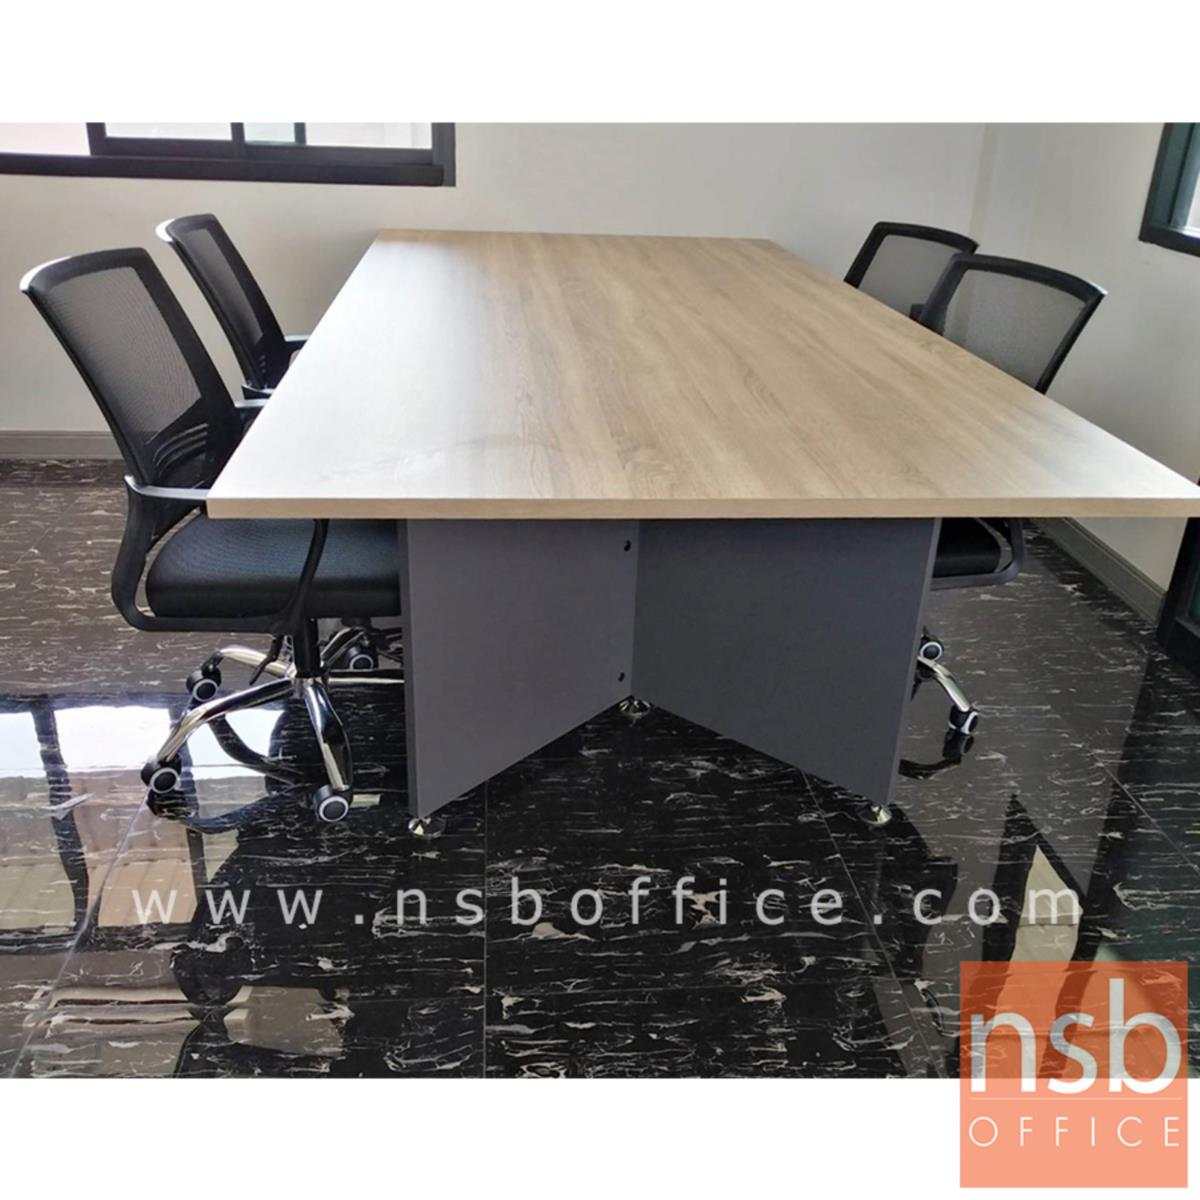 โต๊ะประชุมทรงสี่เหลี่ยม  รุ่น Severus ขนาด 240W cm. เมลามีน